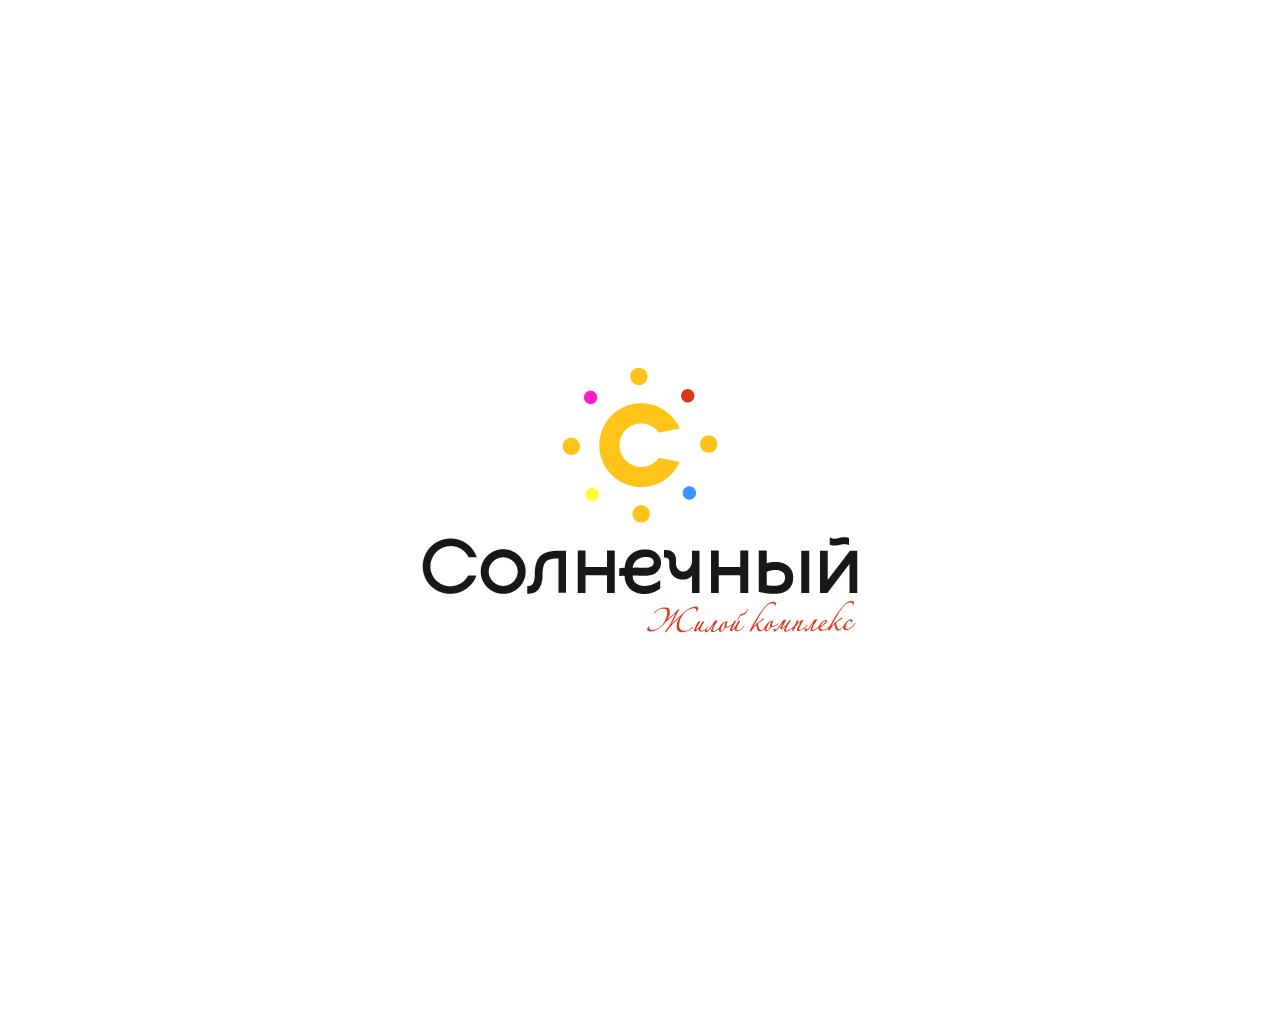 Разработка логотипа и фирменный стиль фото f_939596f48d1466f0.jpg